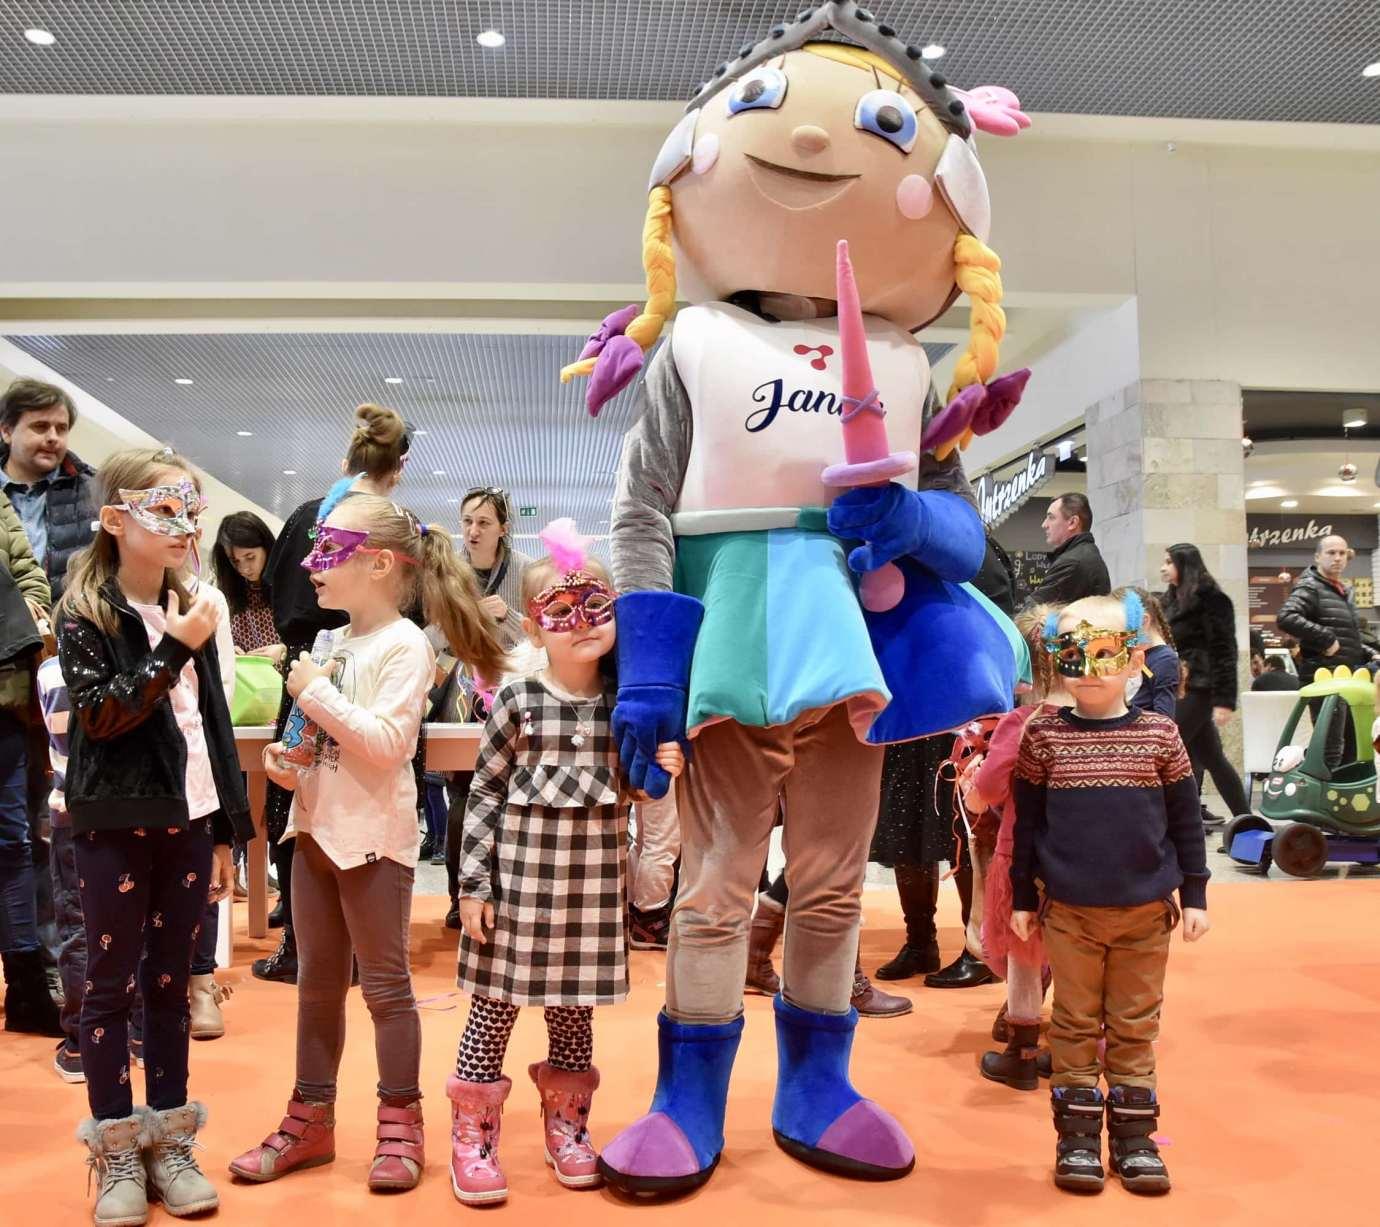 dsc 3970 Zabawa kreatywnych dzieciaków w Galerii Handlowej Twierdza (filmy i zdjęcia)